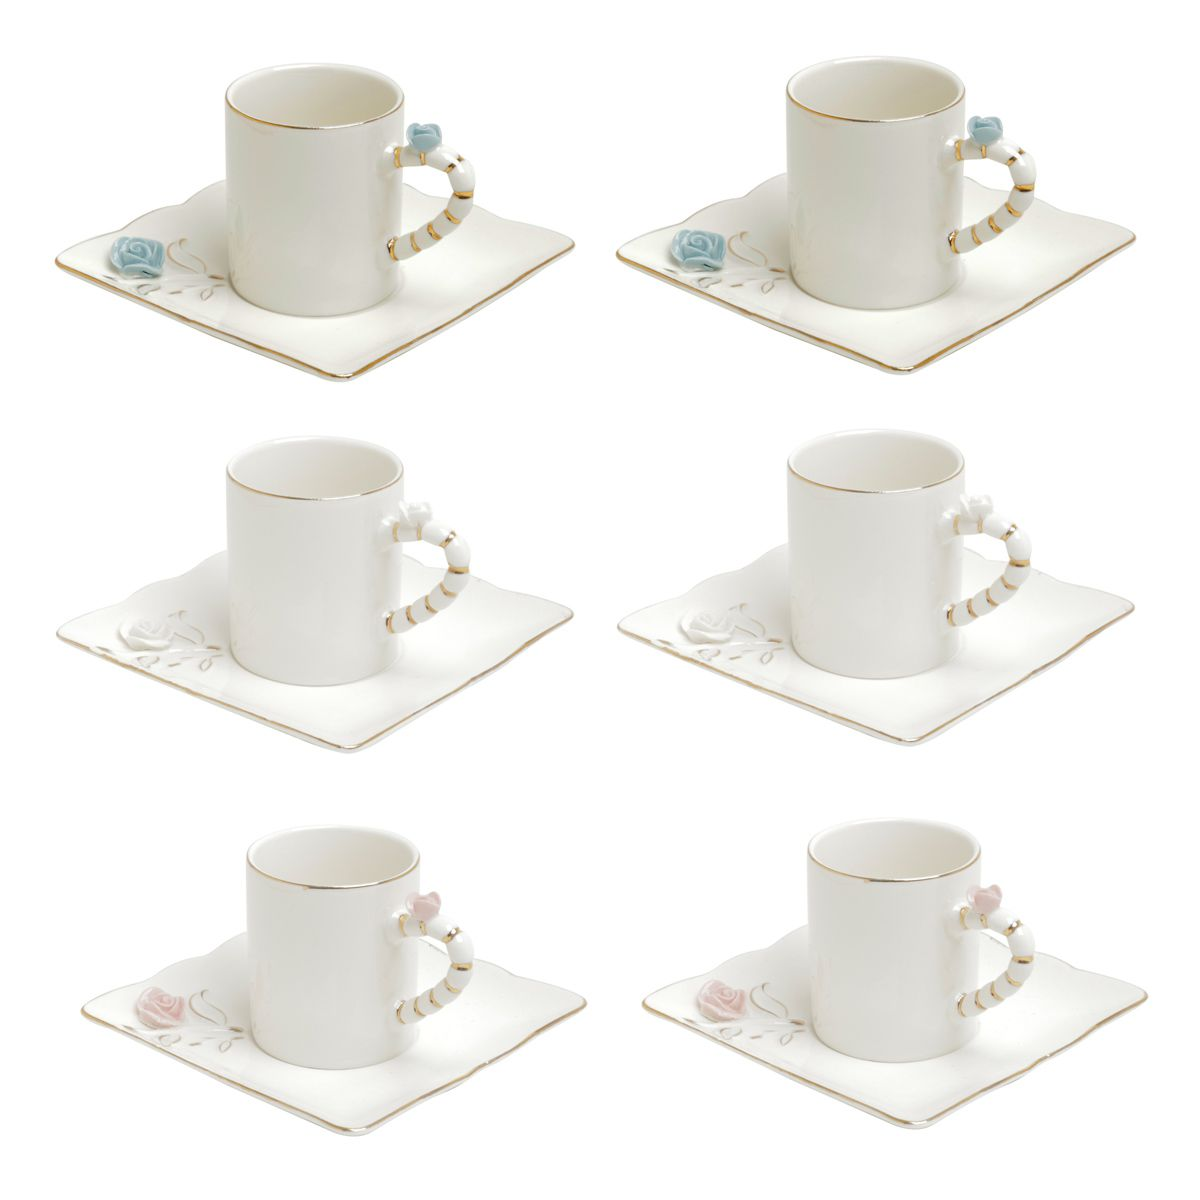 Jogo 6 xícaras 80ml para café de porcelana colorida com pires quadrado Flower Wolff - 35470